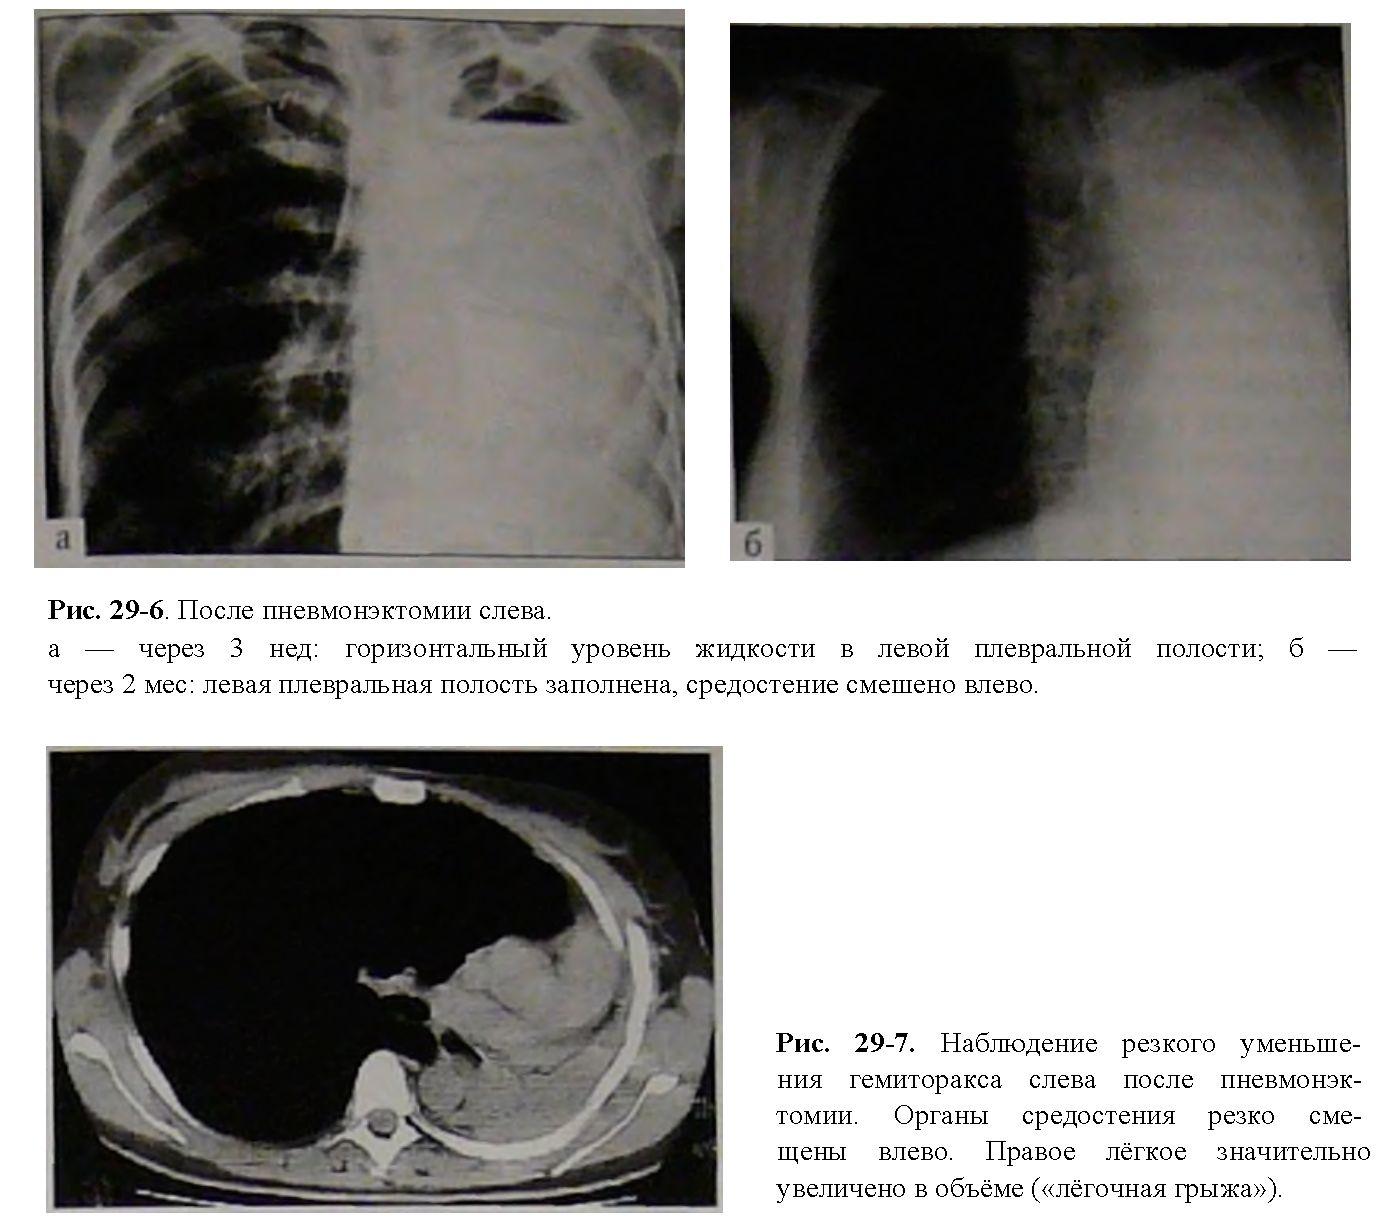 Пневмонэктомия фото